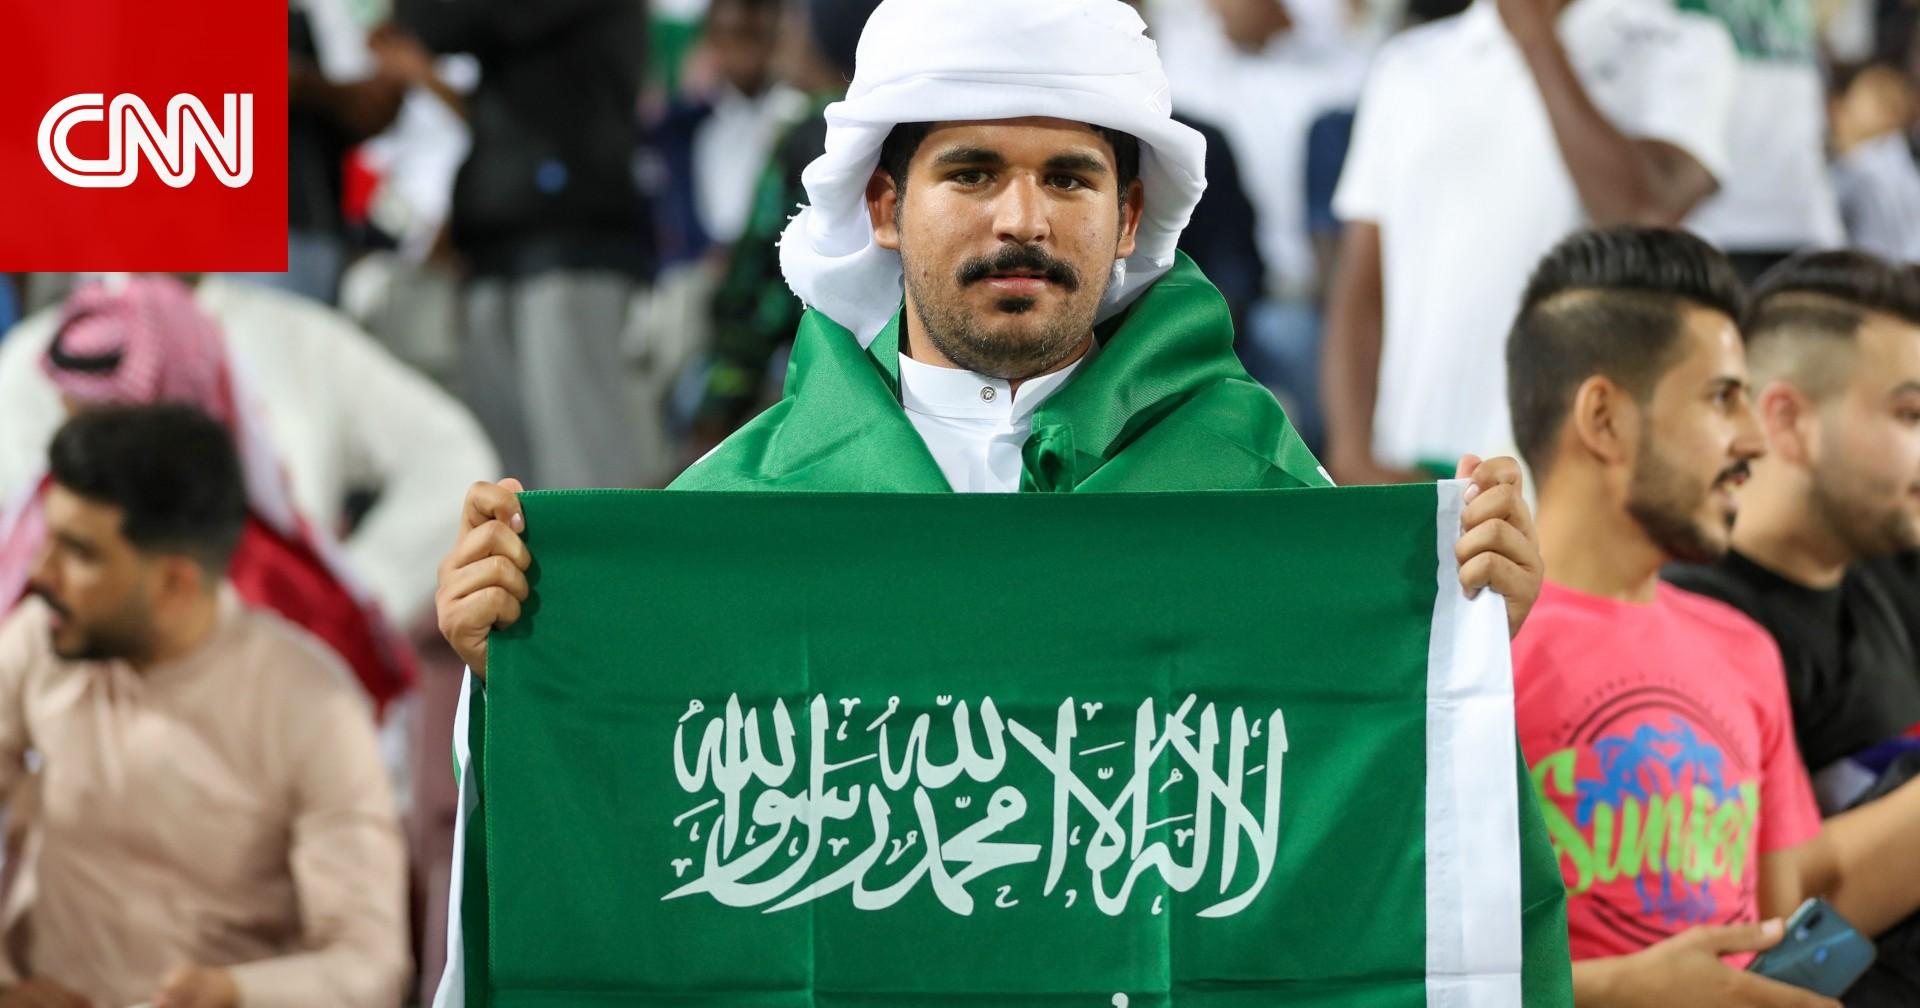 السعودية تعلن عودة النشاط الرياضي بعد 3 أشهر من التوقف بسبب كورونا